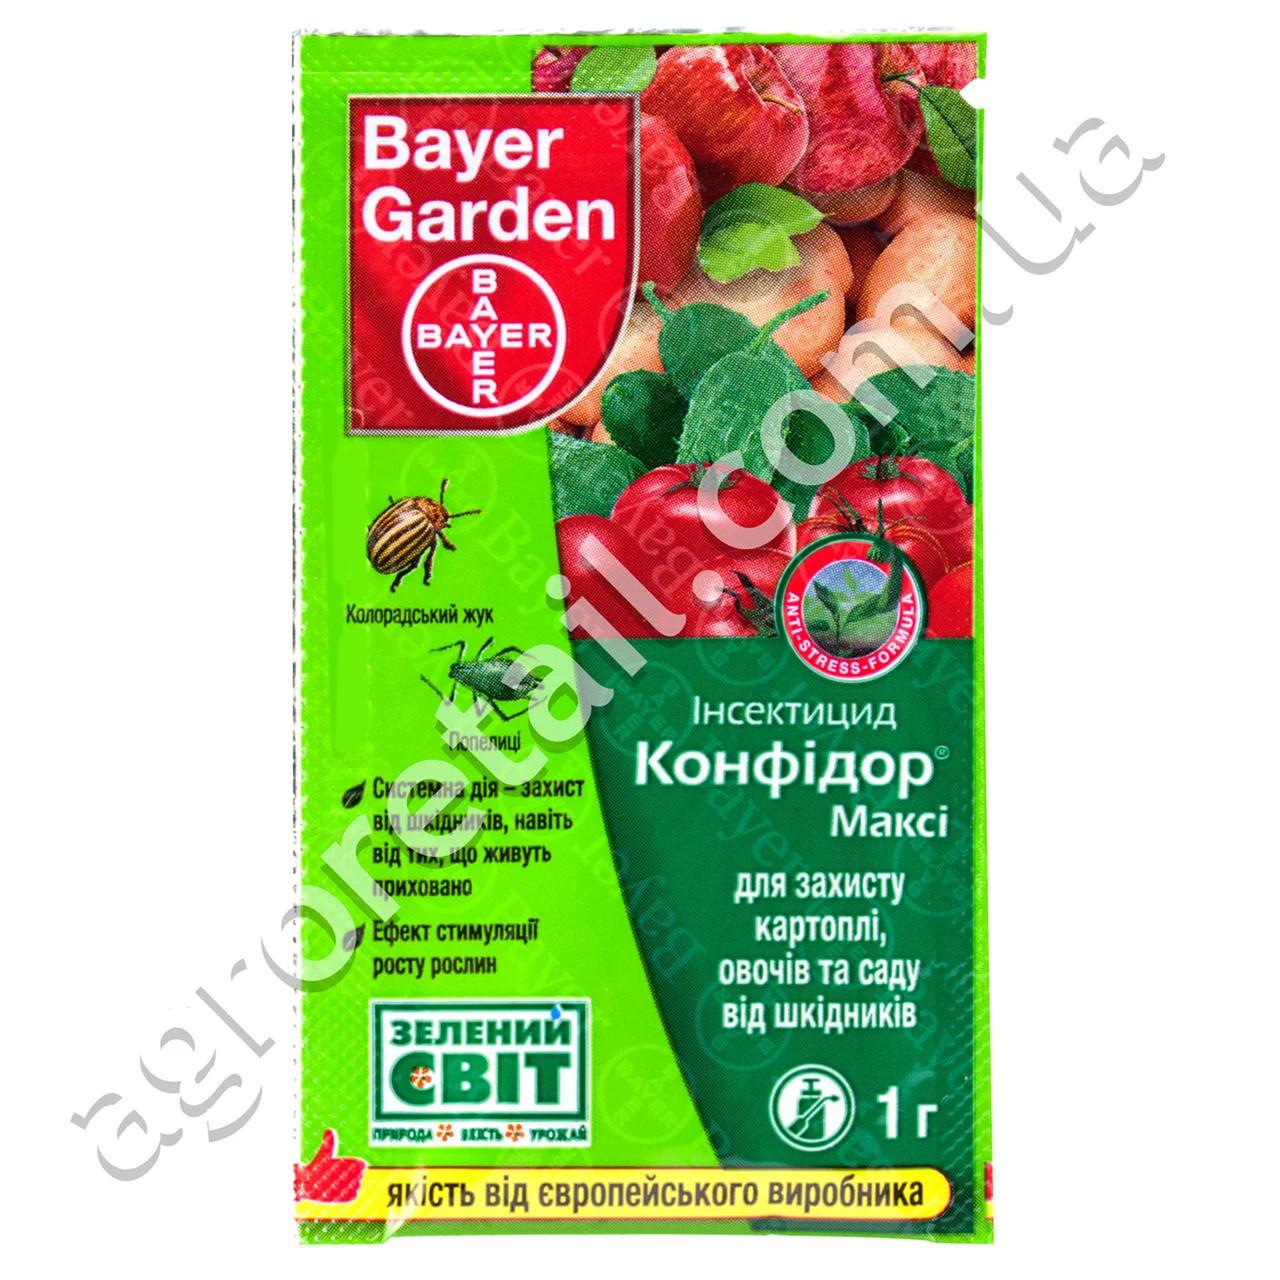 Инсектицид Конфидор макси 1 г Bayer Garden